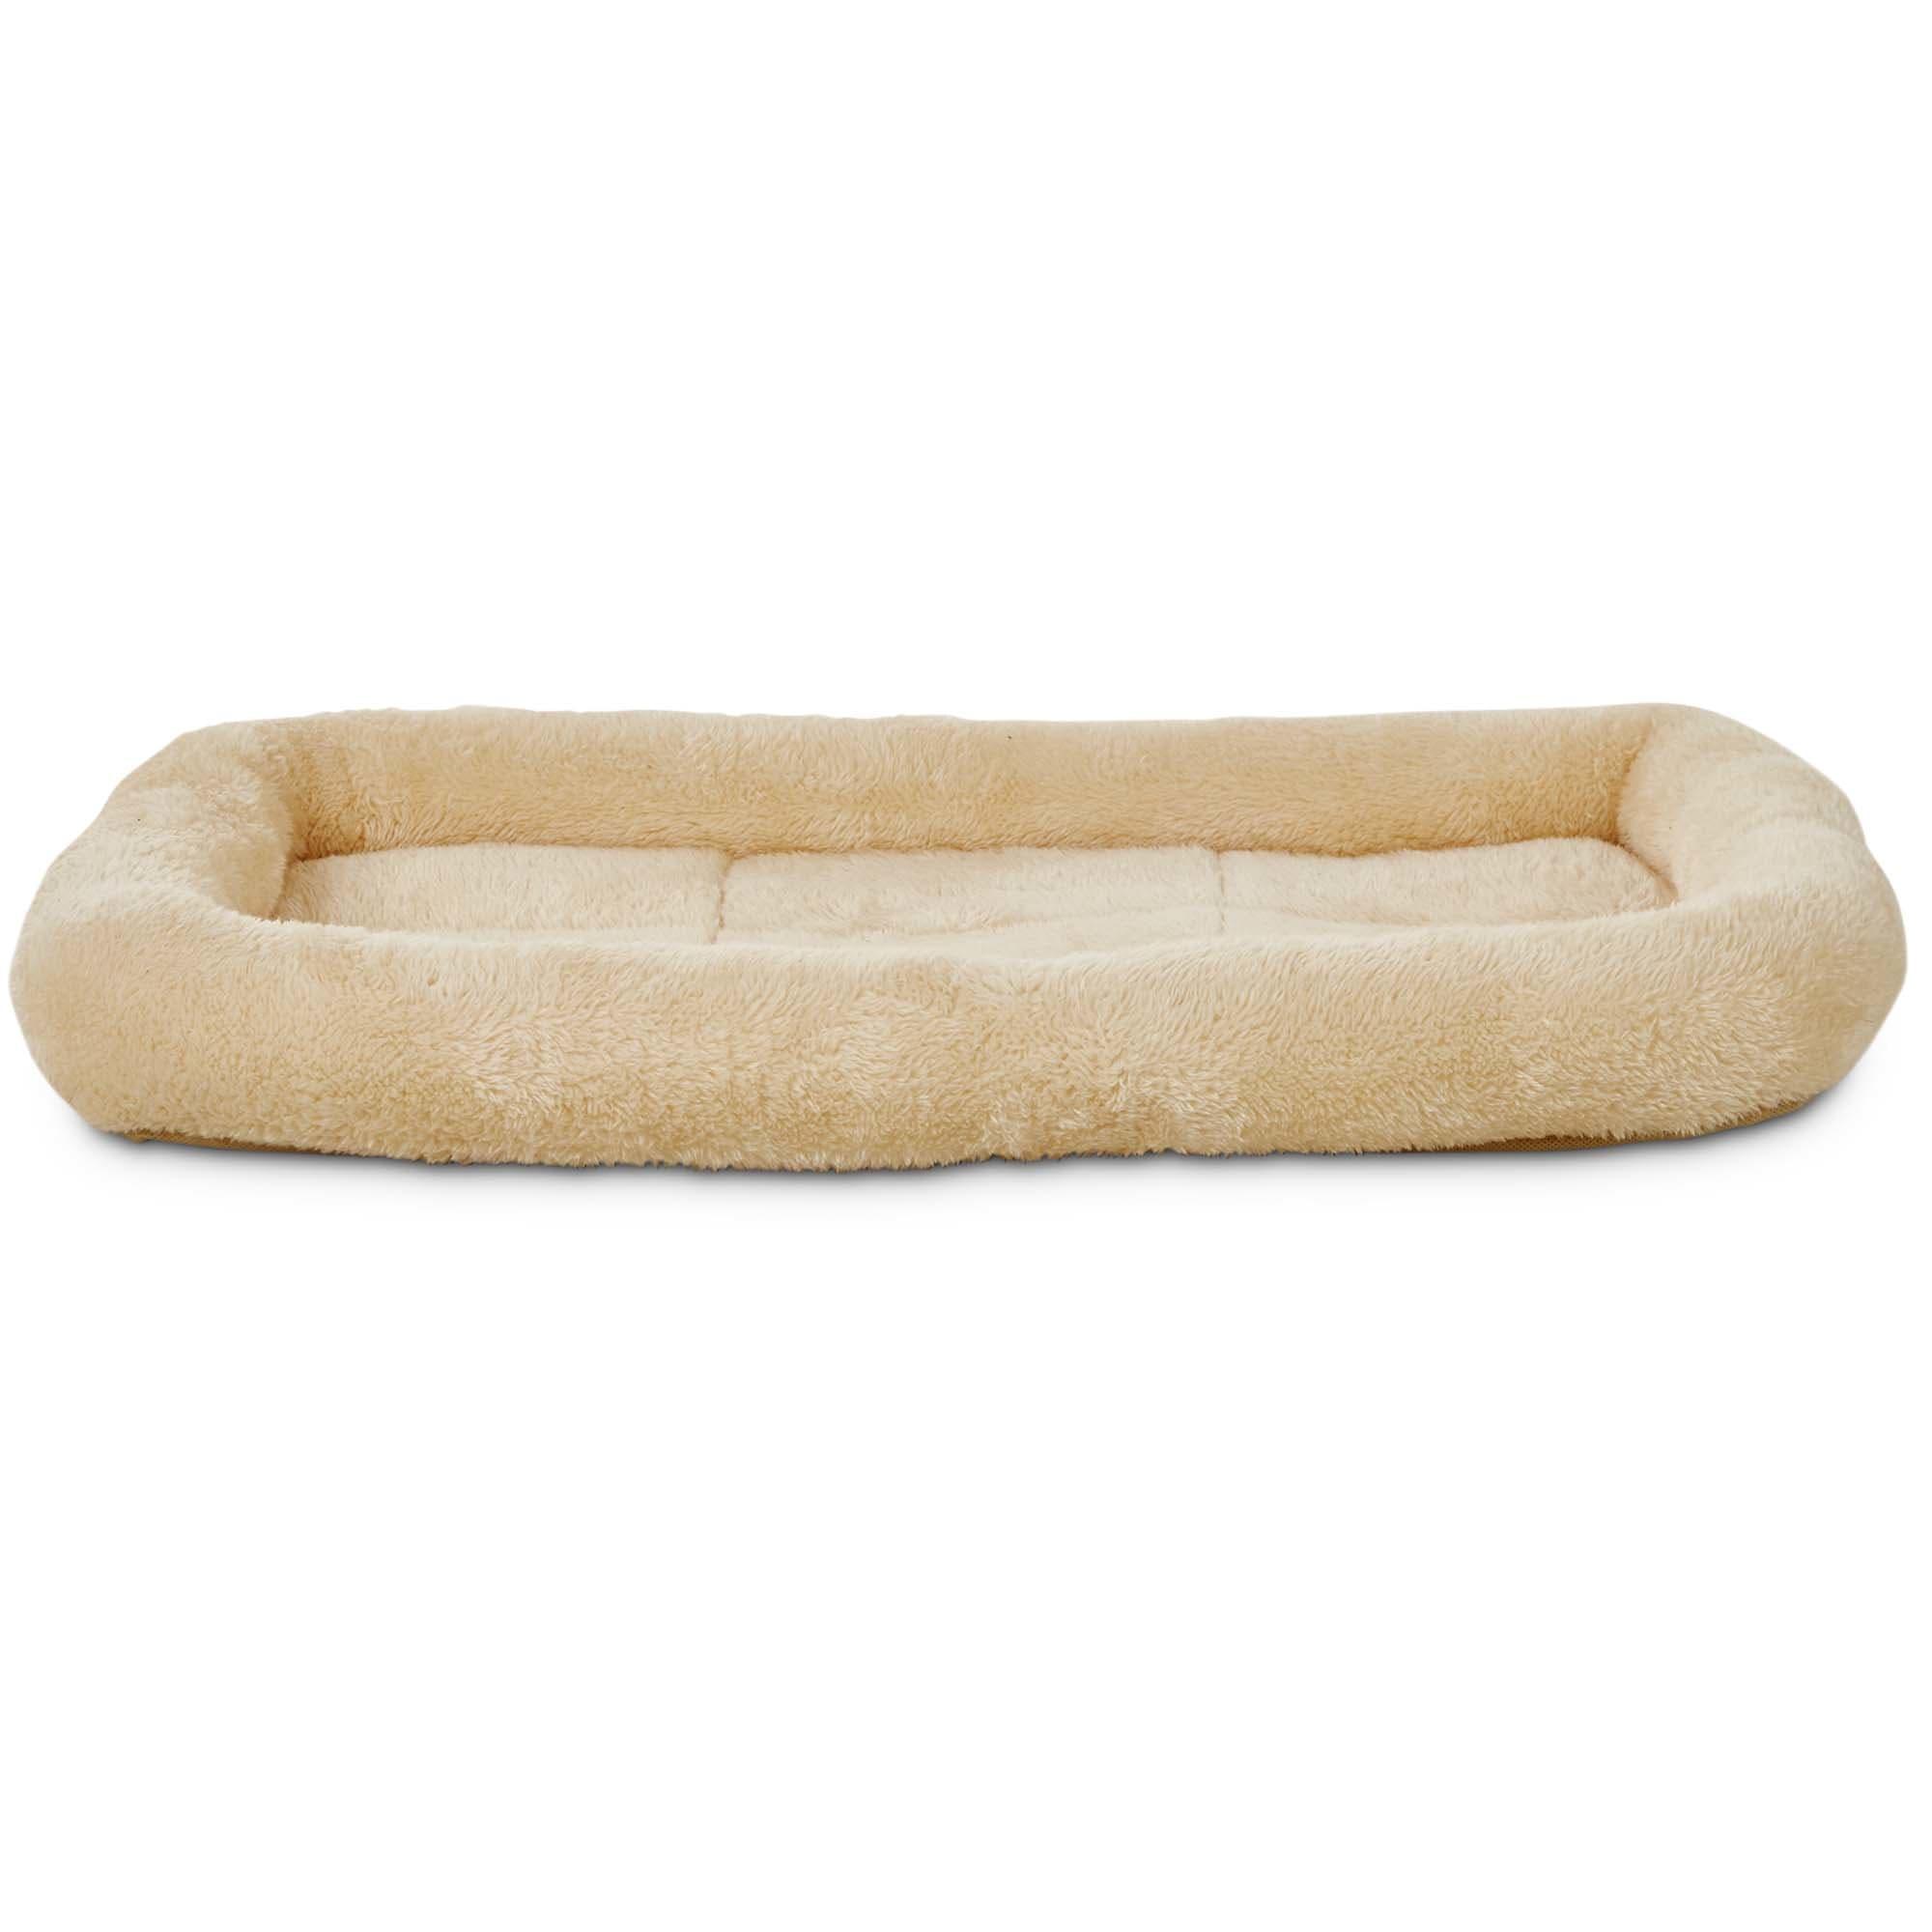 Animaze Dog Crate Mat And Pet Bed 16 L X 9 W Petco